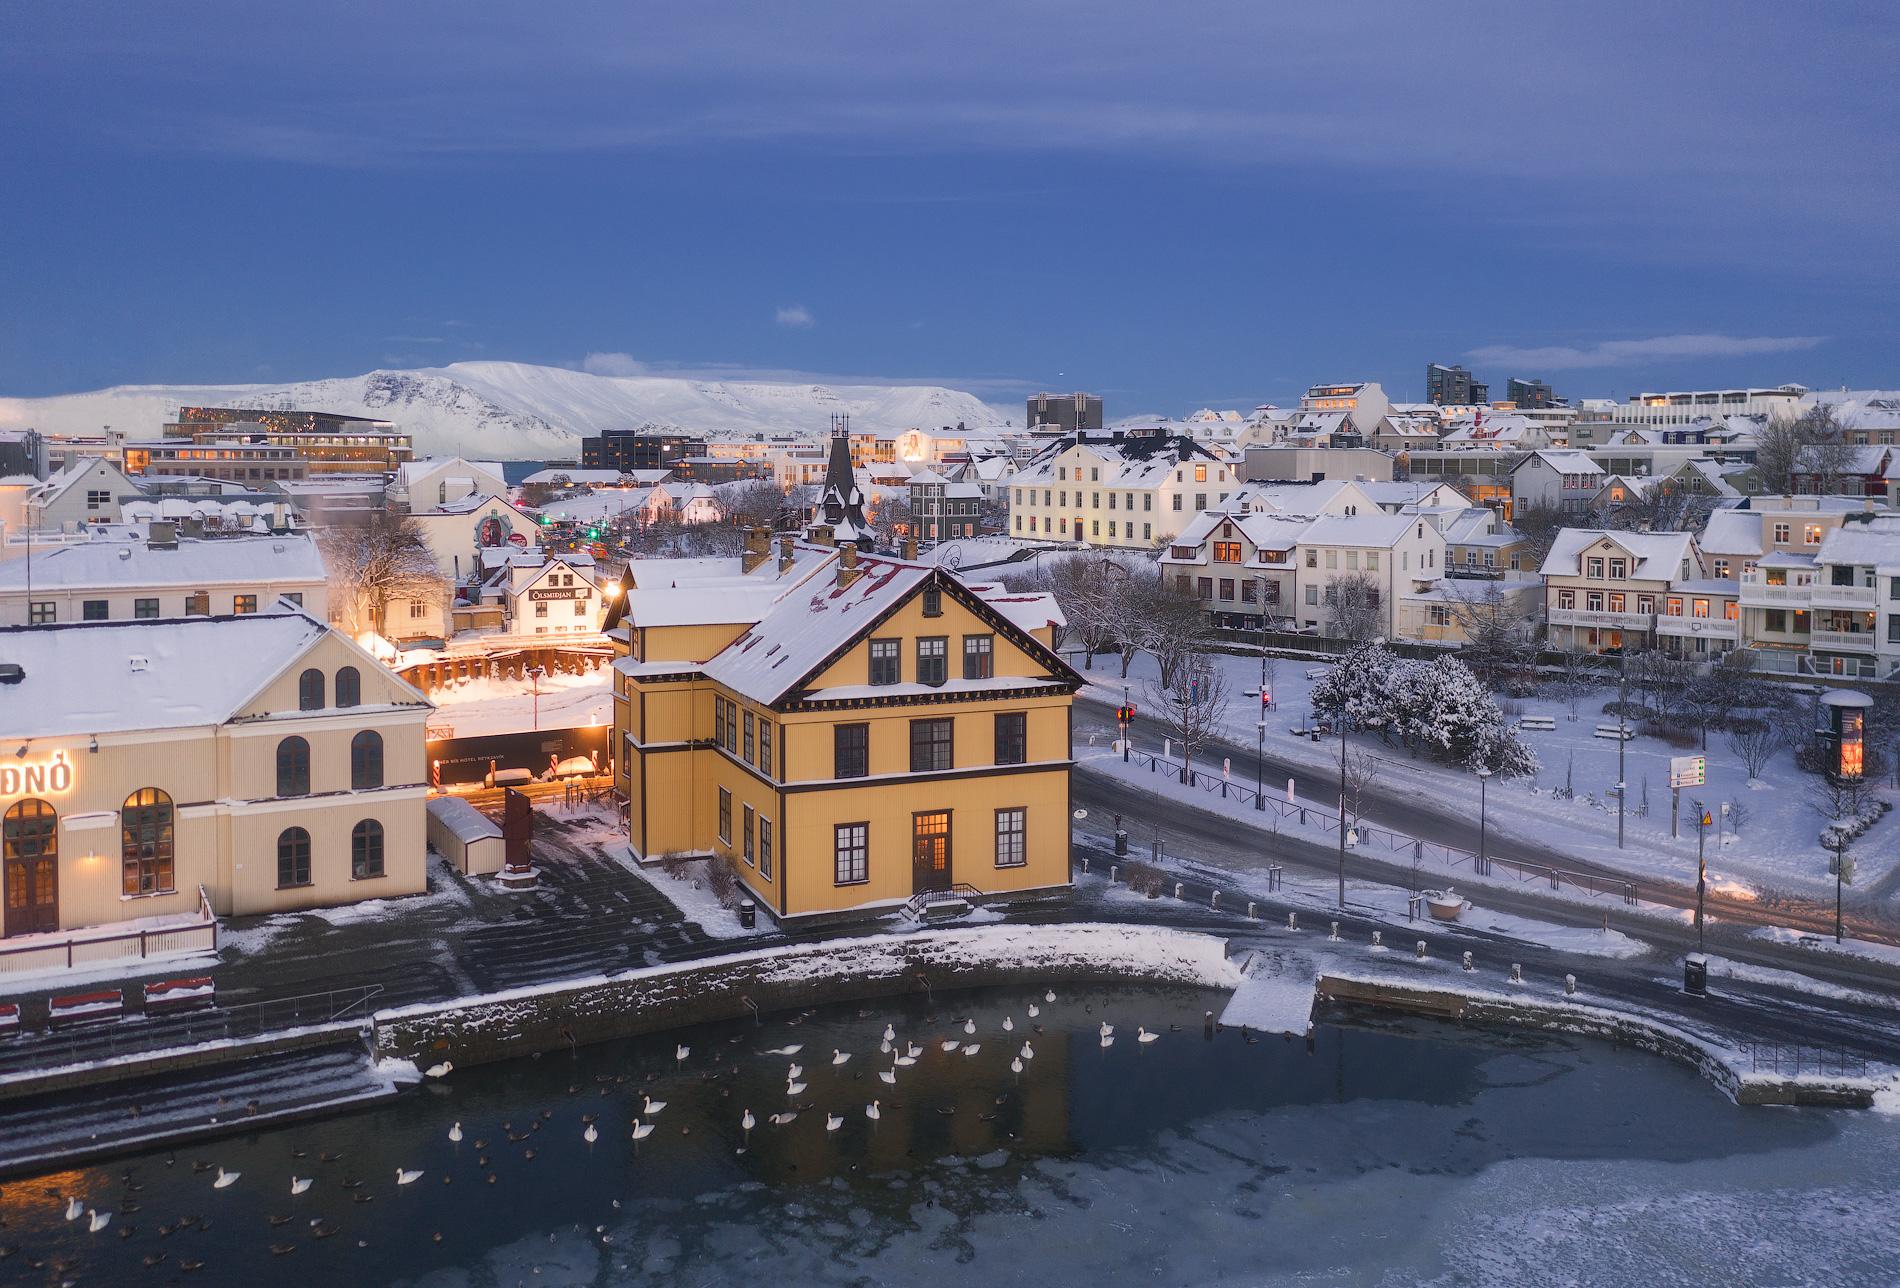 Die Innenstadt von Reykjavik mit einer dünnen Schneeschicht bestäubt.